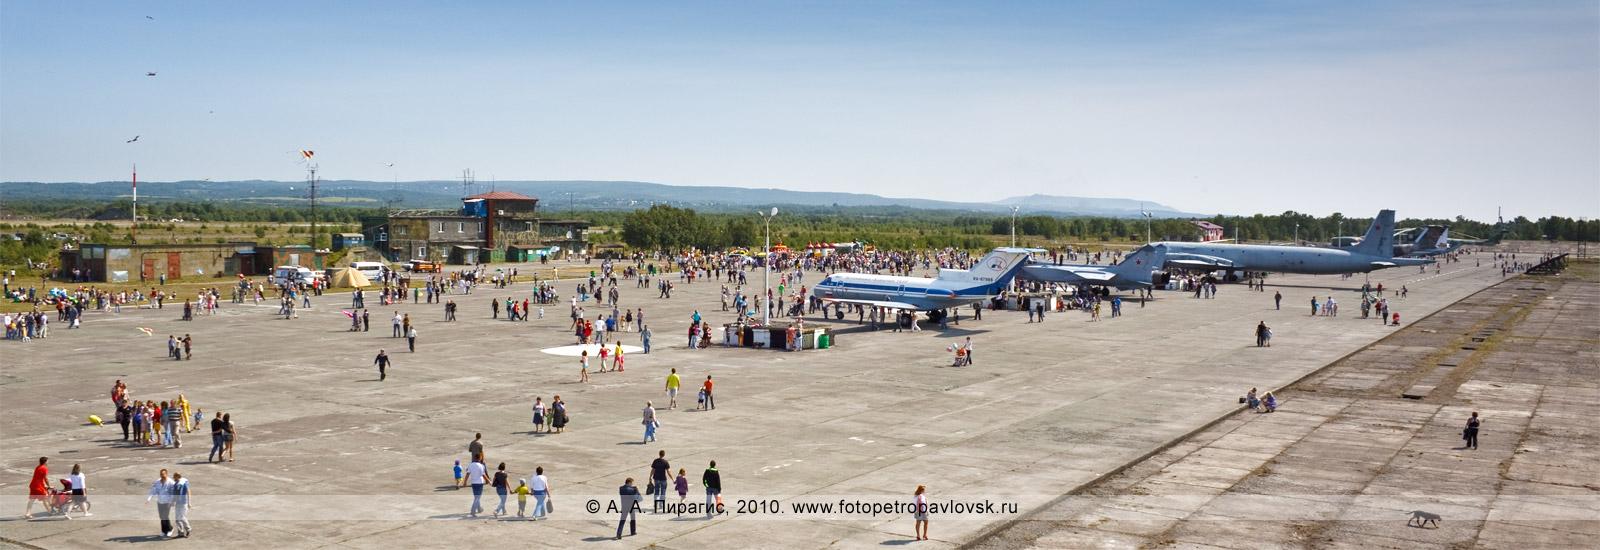 Фотография: Полуостров Камчатка — День авиации Российской Федерации: панорама (общий вид) — выставка авиационной техники на военном аэродроме Елизово в Камчатском крае